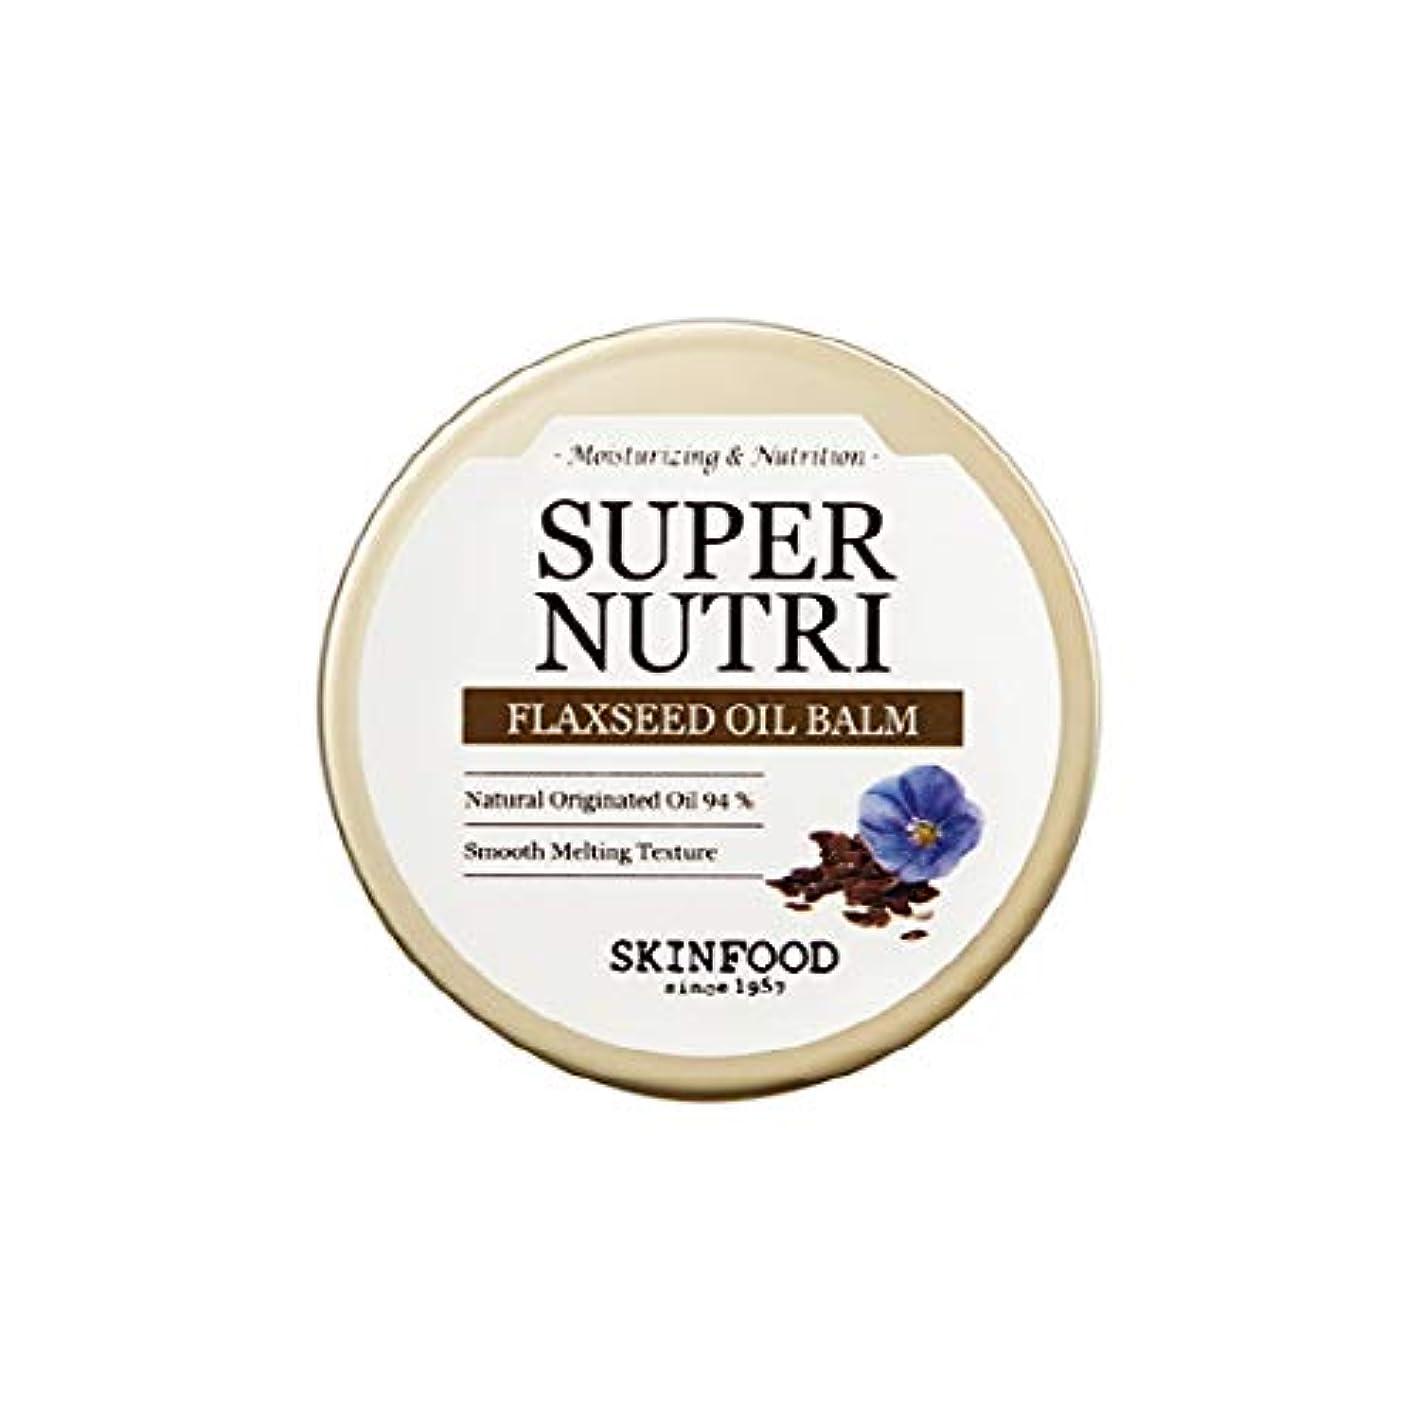 シャット今まで主観的Skinfood スーパーニュートリフラックスシードオイルバーム/SUPER NUTRI FLAXSEED OIL BALM 20g [並行輸入品]